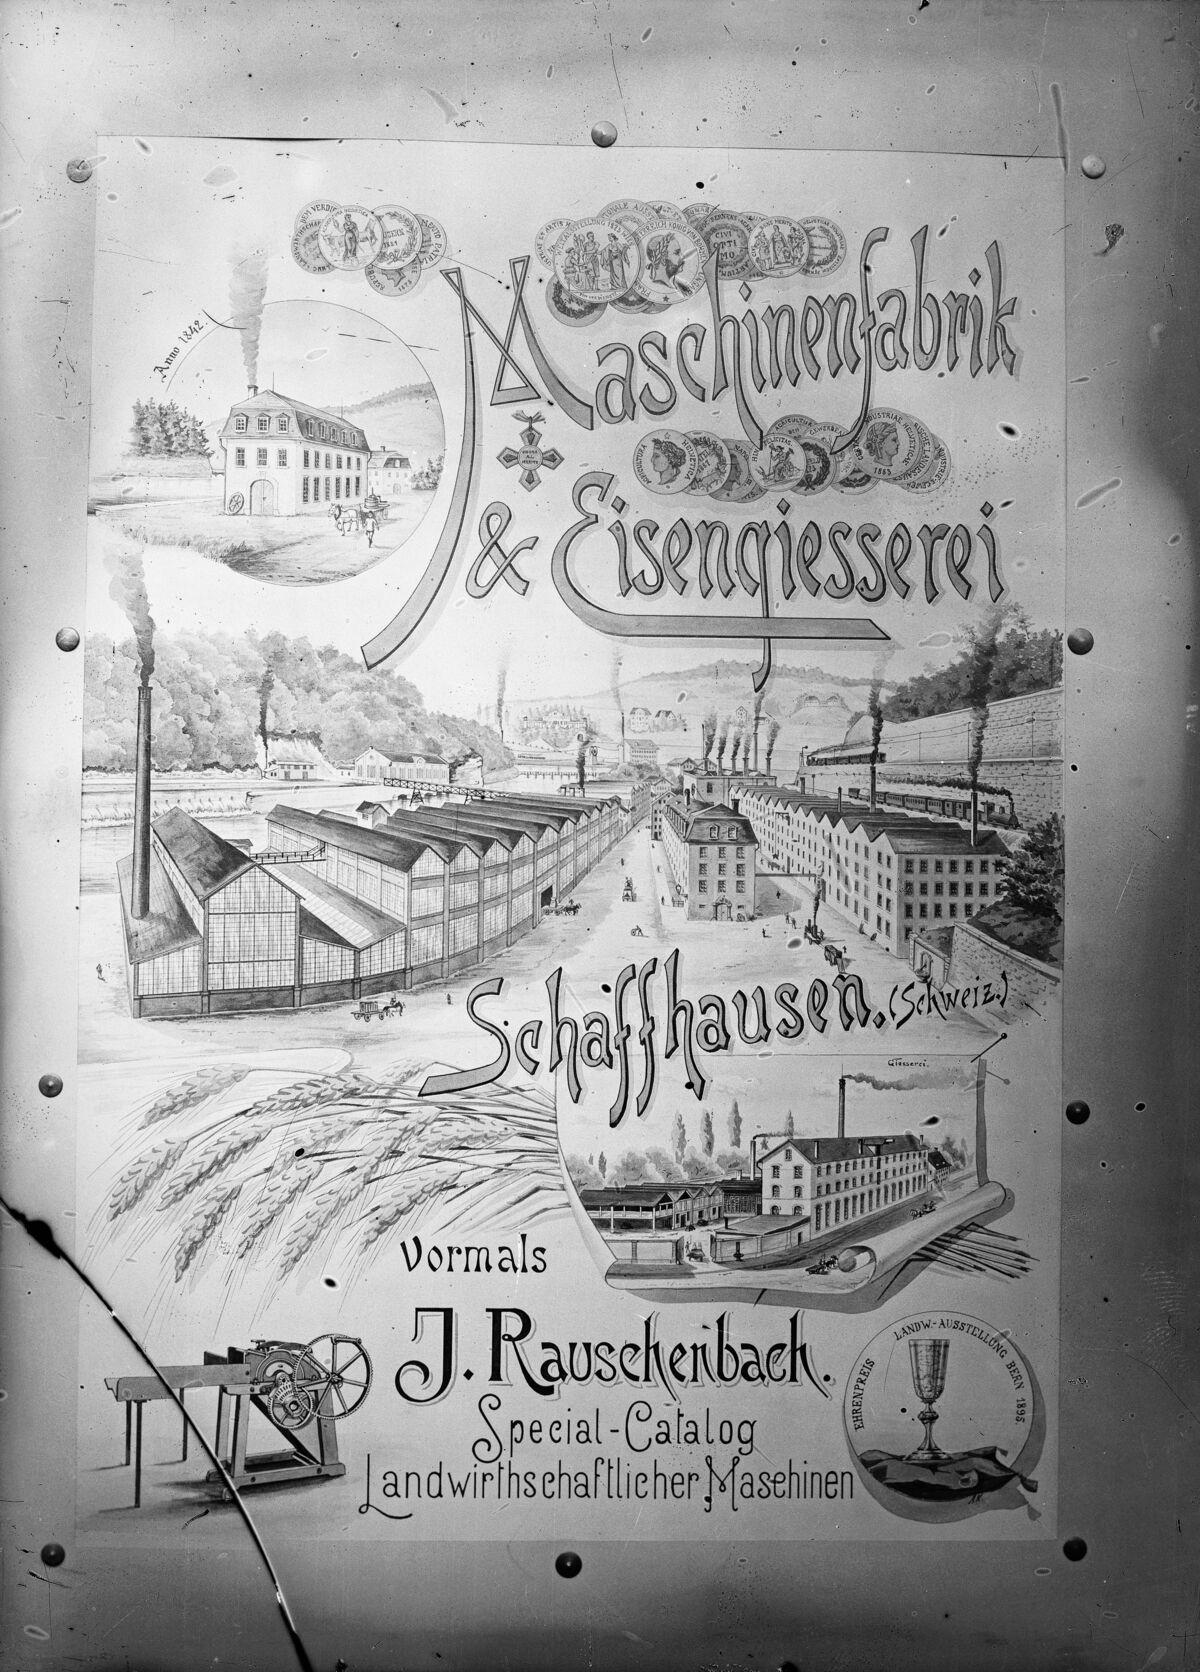 GFA 16/15025: Advertisement machine works Rauschenbach